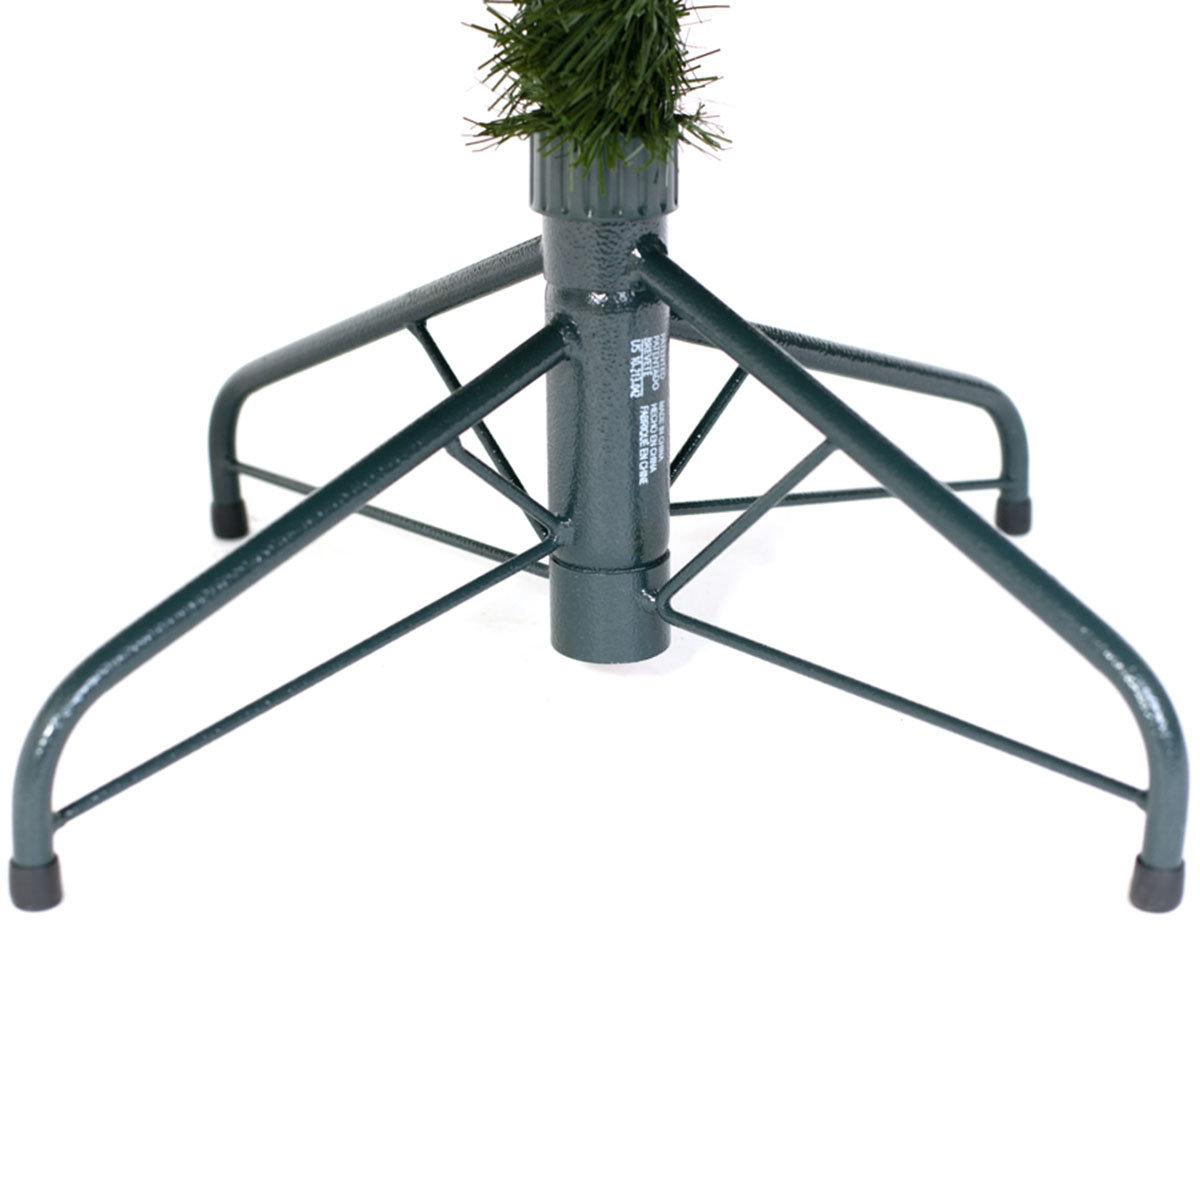 Künstlicher Weihnachtsbaum Fichte, mit LED-Beleuchtung, 150 cm | #10